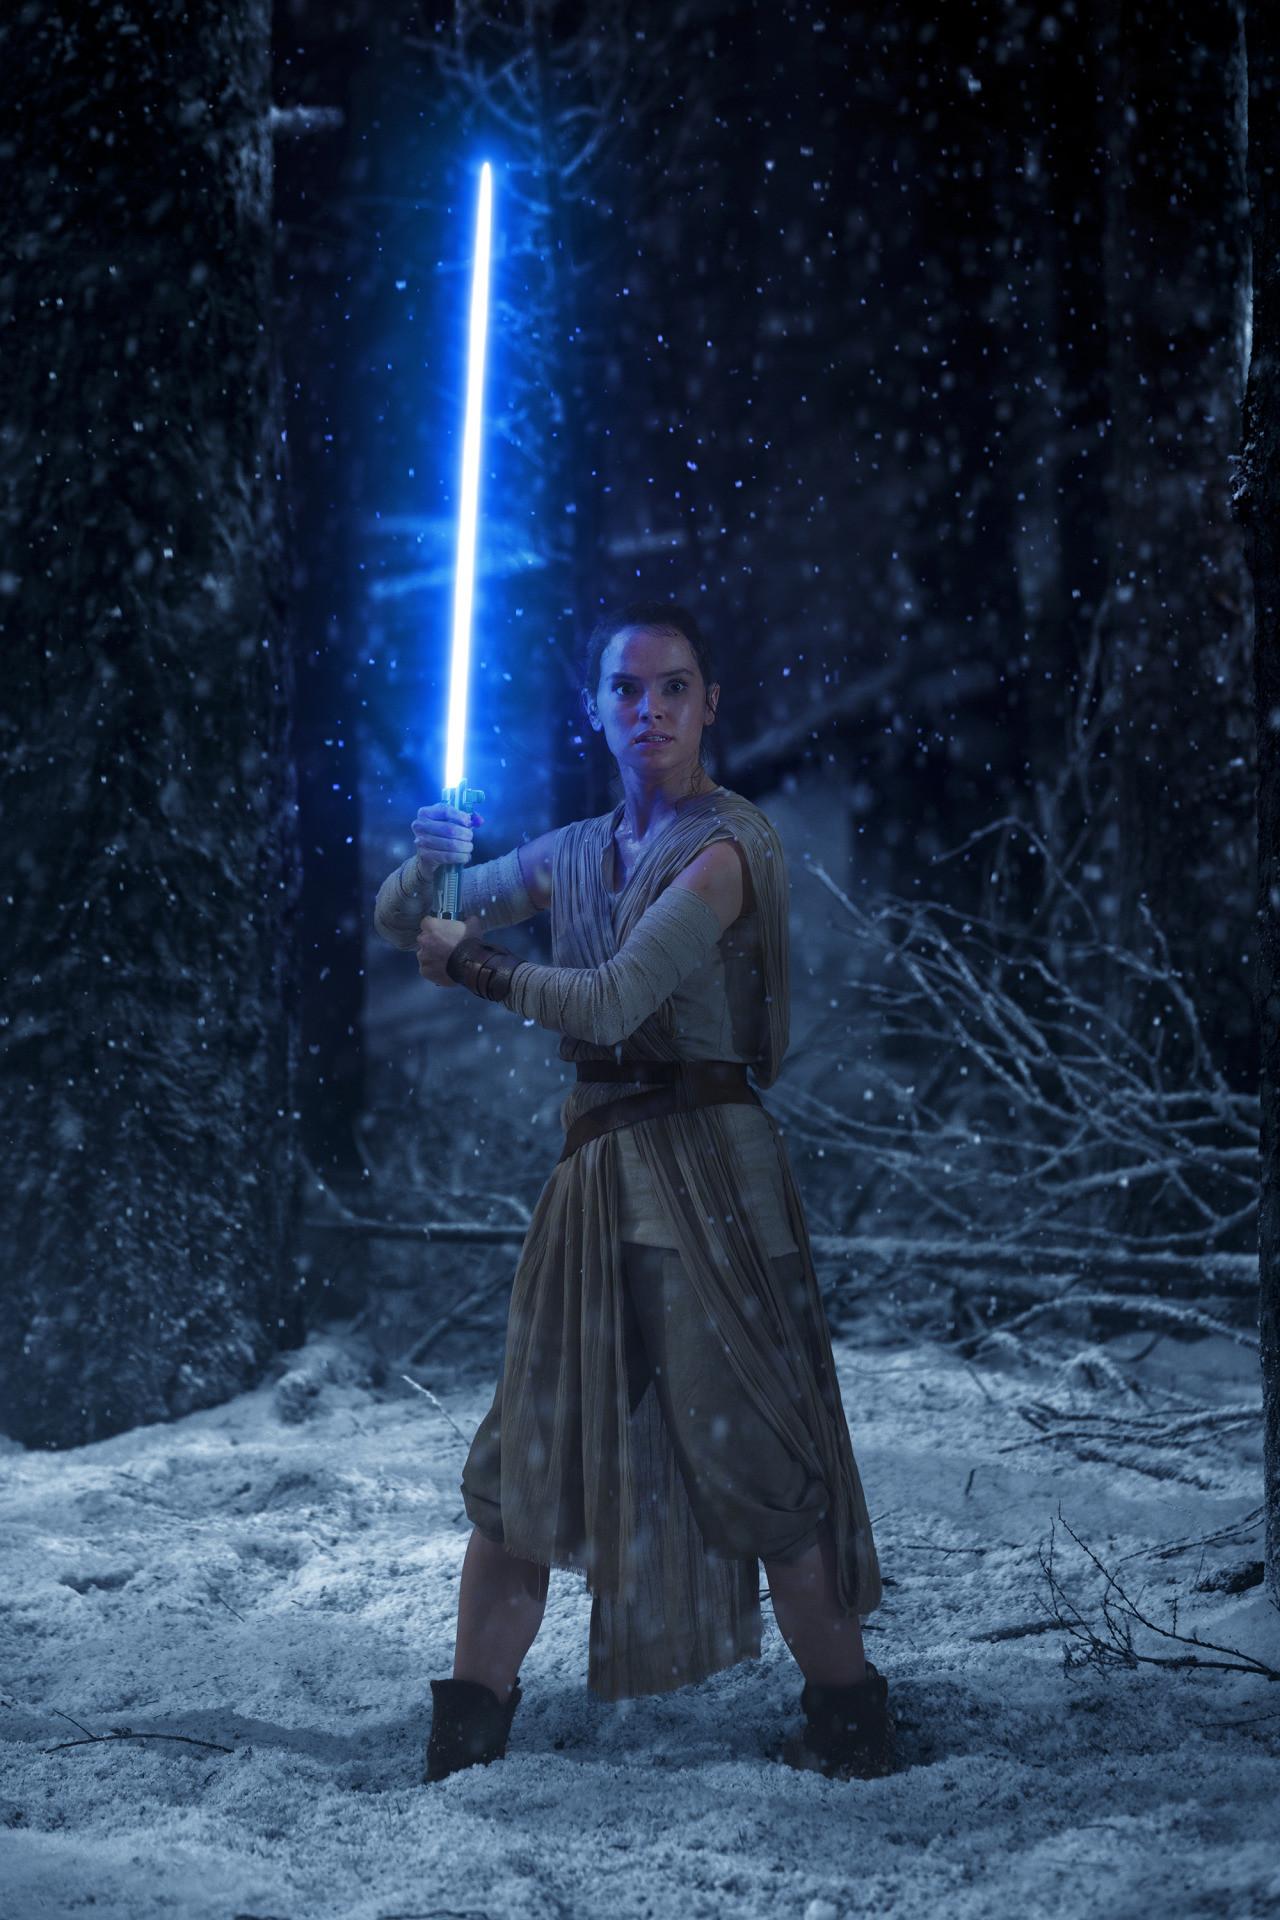 star wars force awakens rey | Tumblr